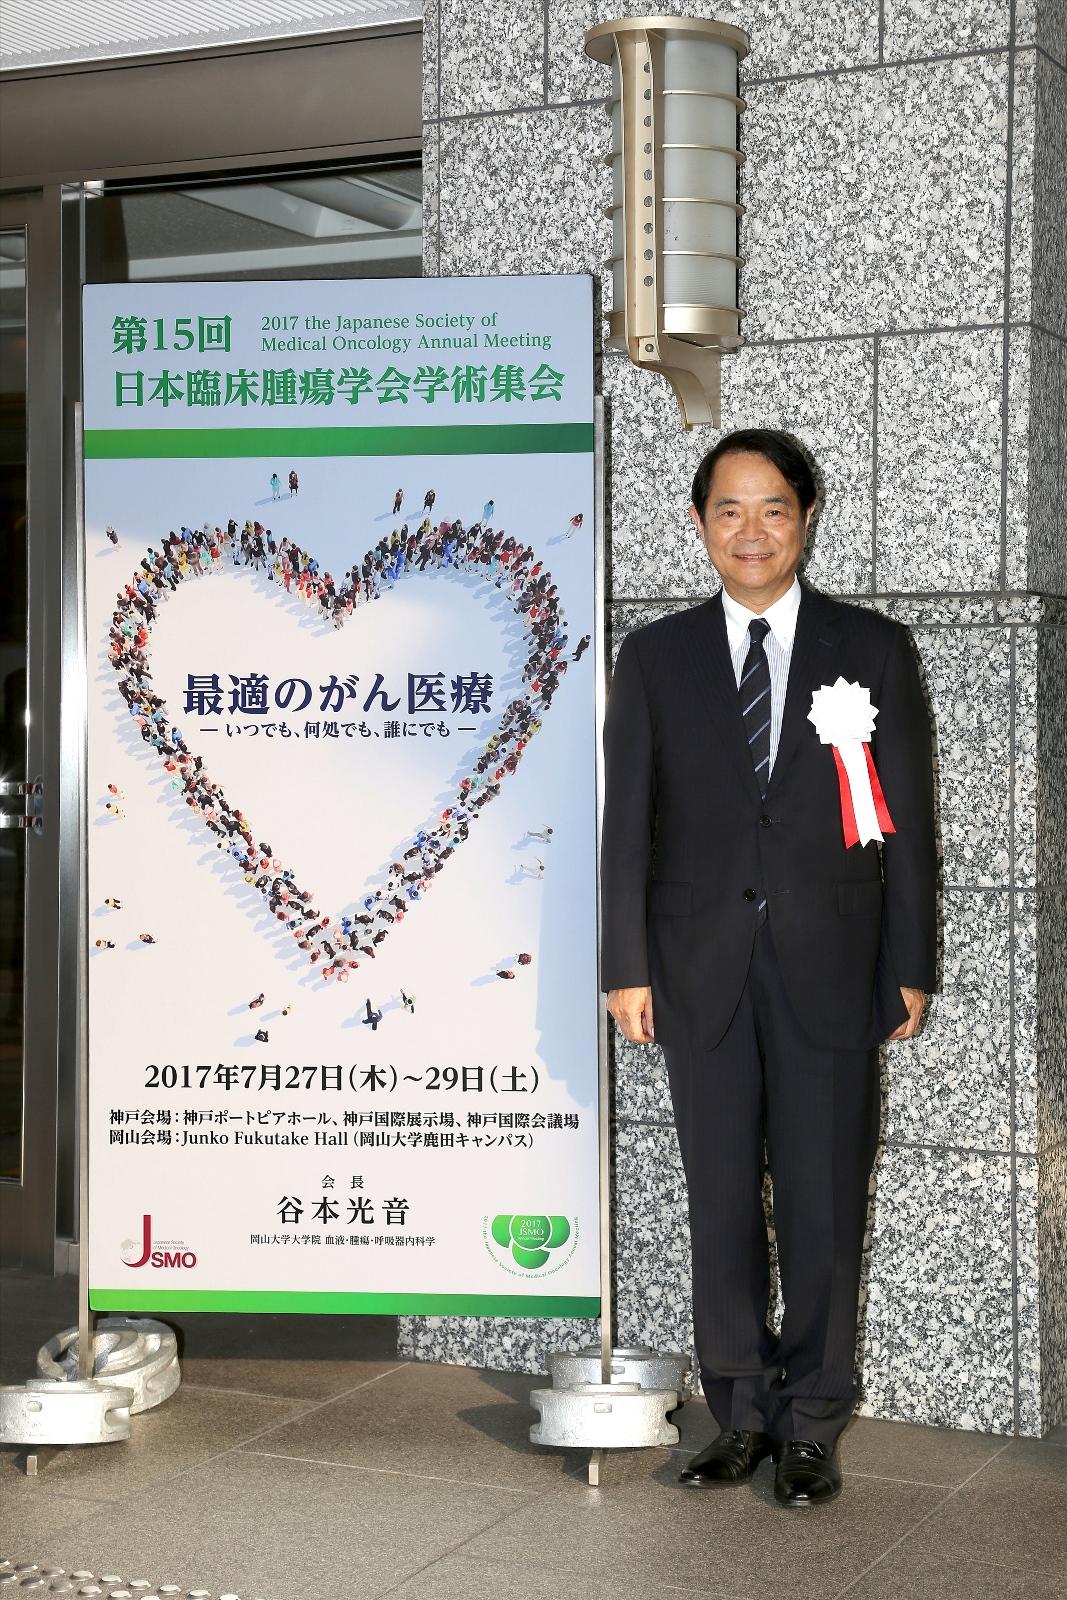 第15回日本臨床腫瘍学会学術集会20(会長:谷本光音先生)